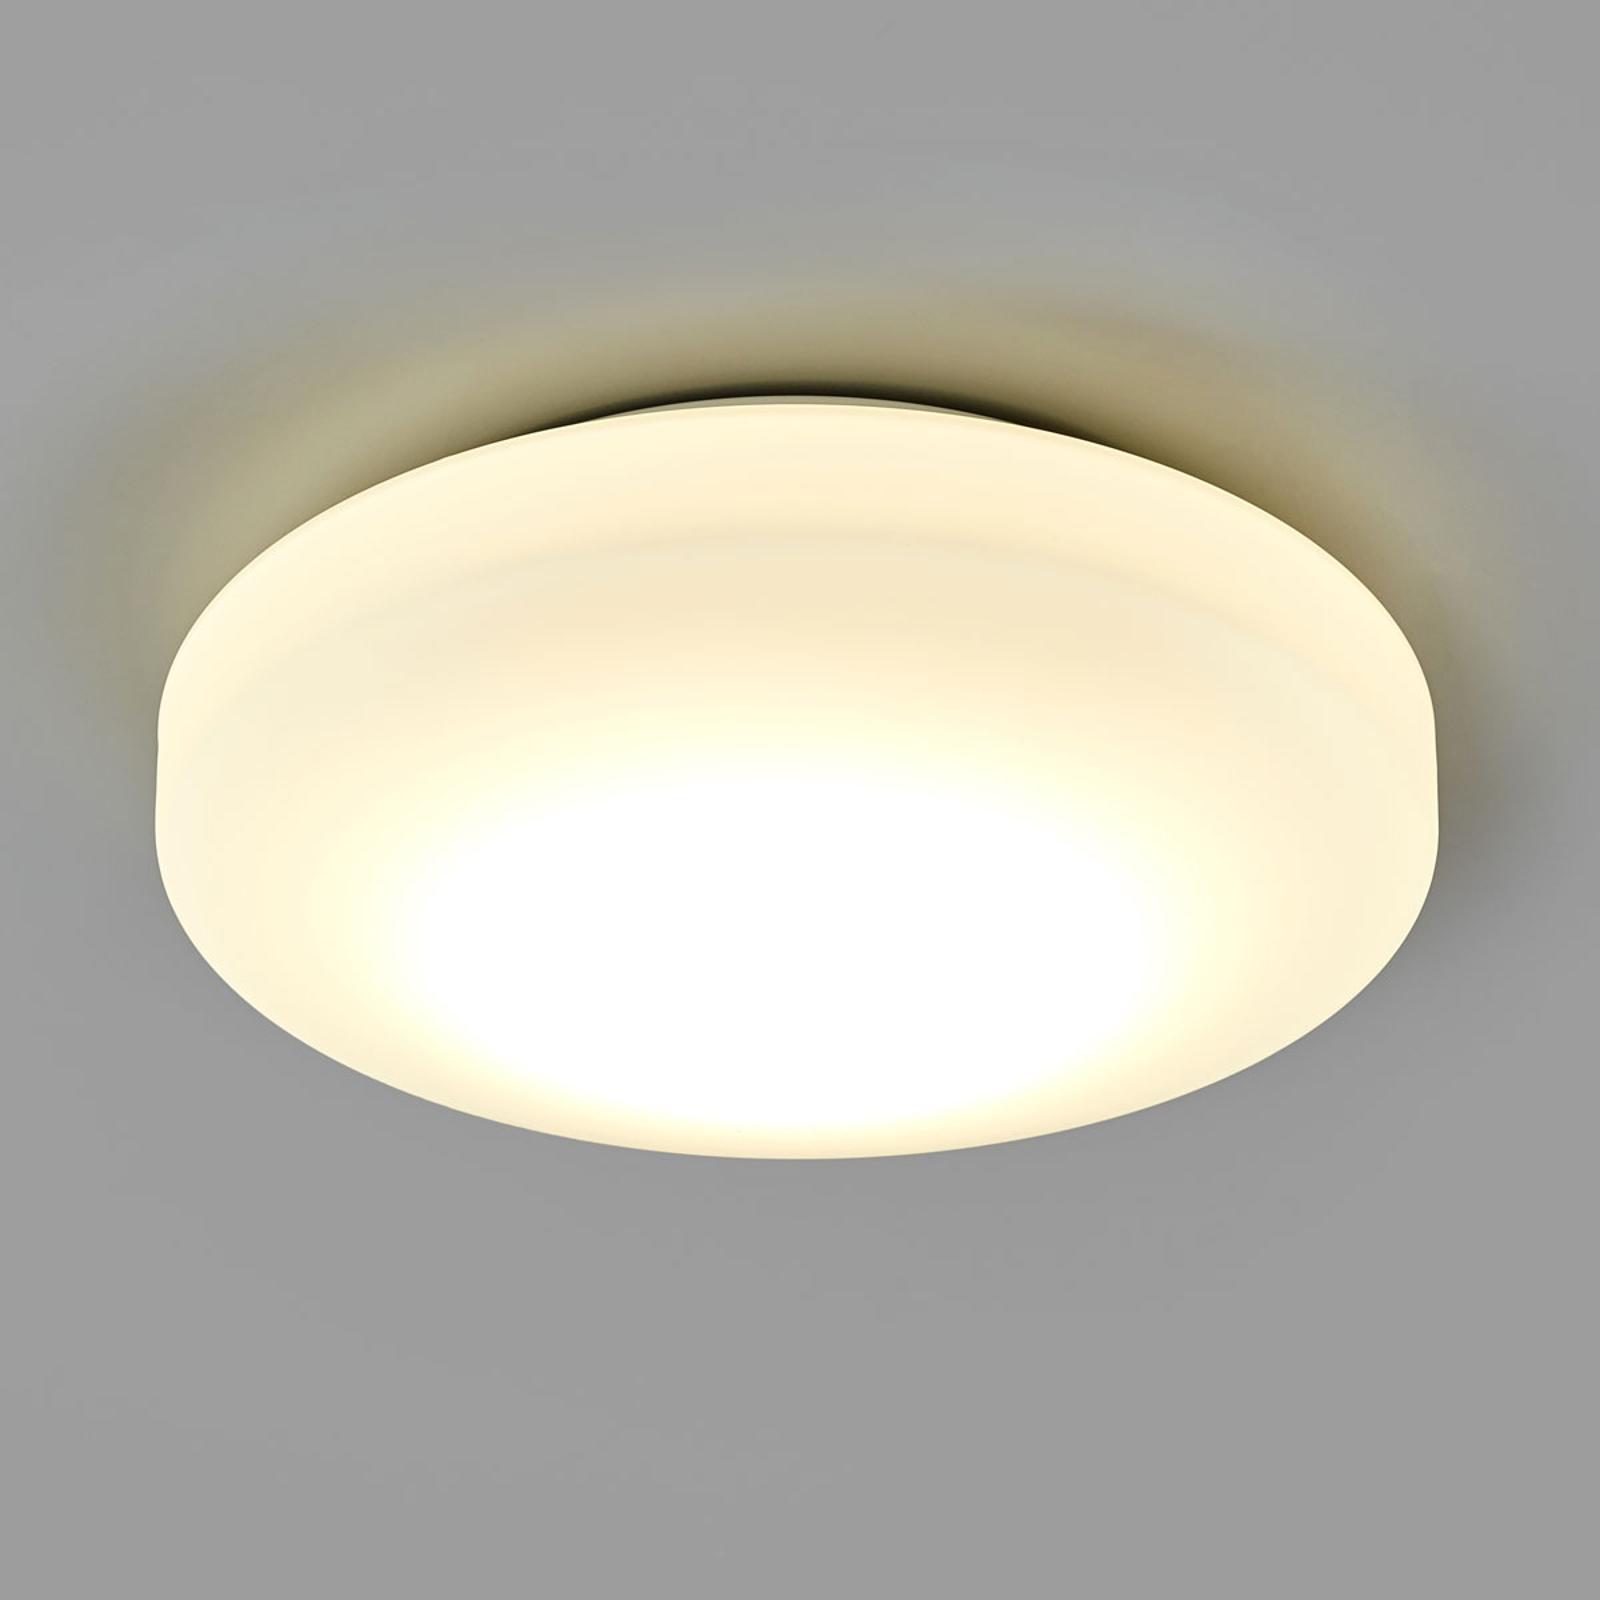 Kúpeľňové stropné LED svietidlo Malte opálové sklo_1050088_1